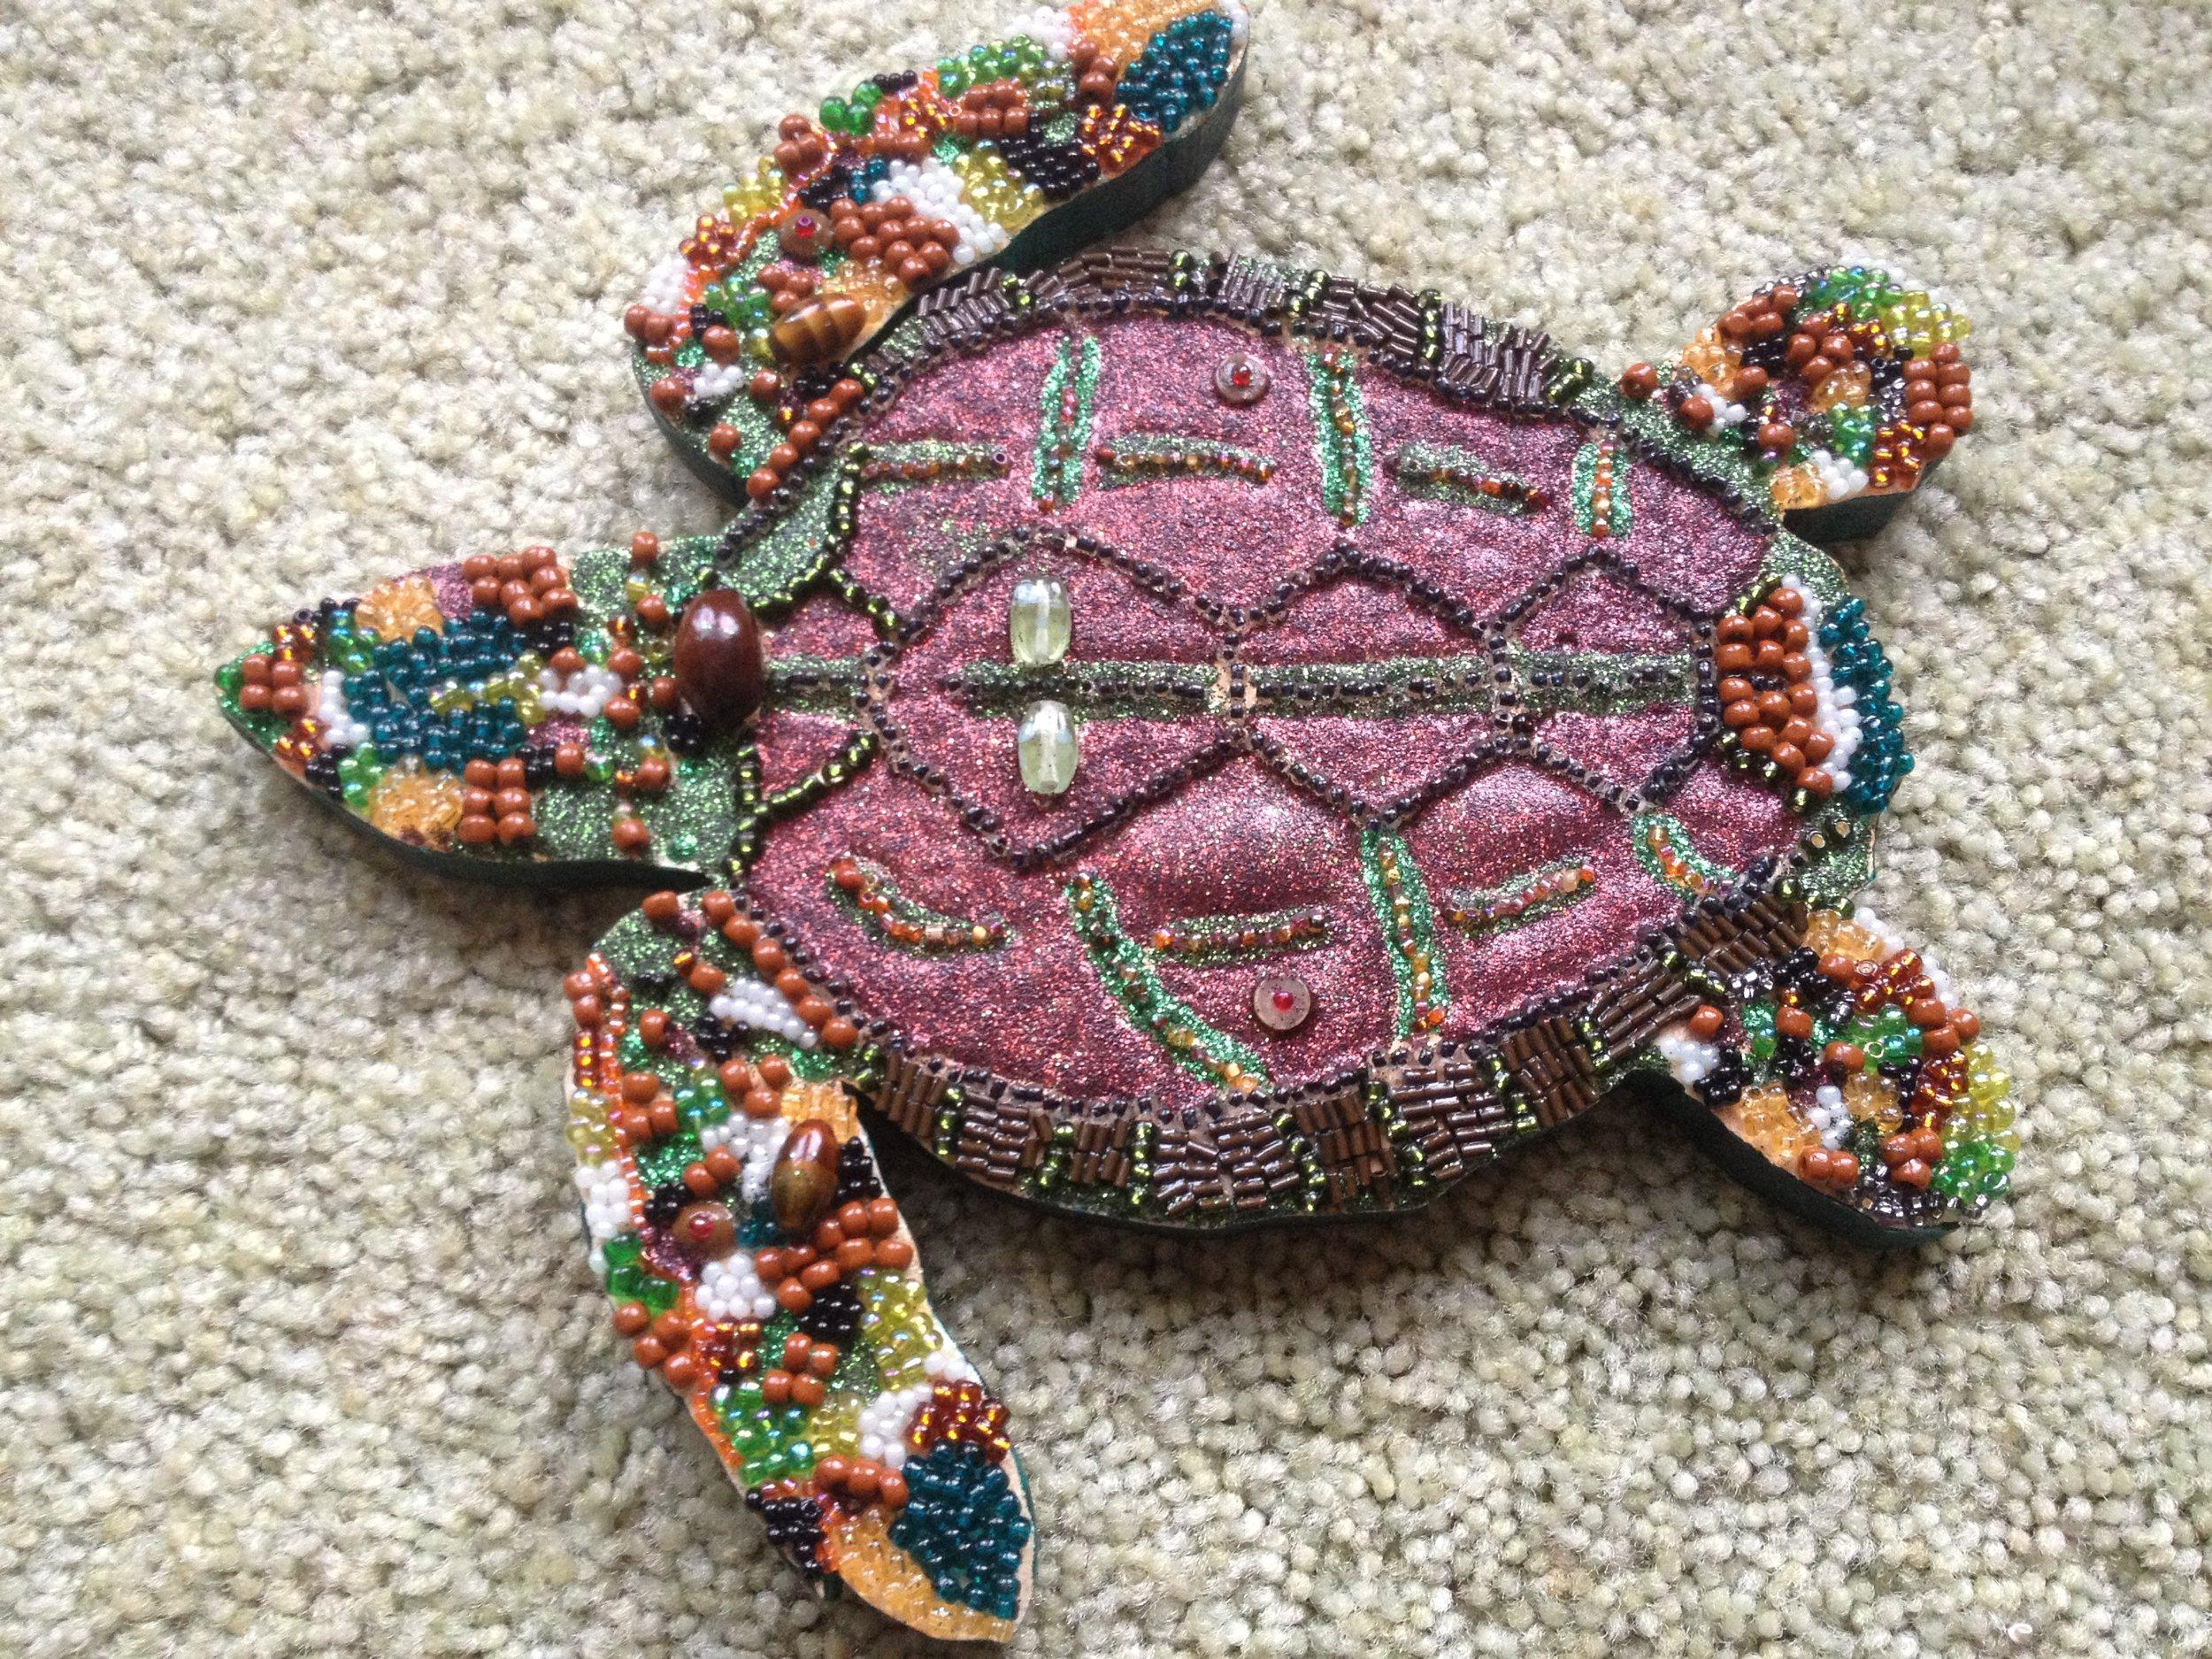 turtle 1.JPG